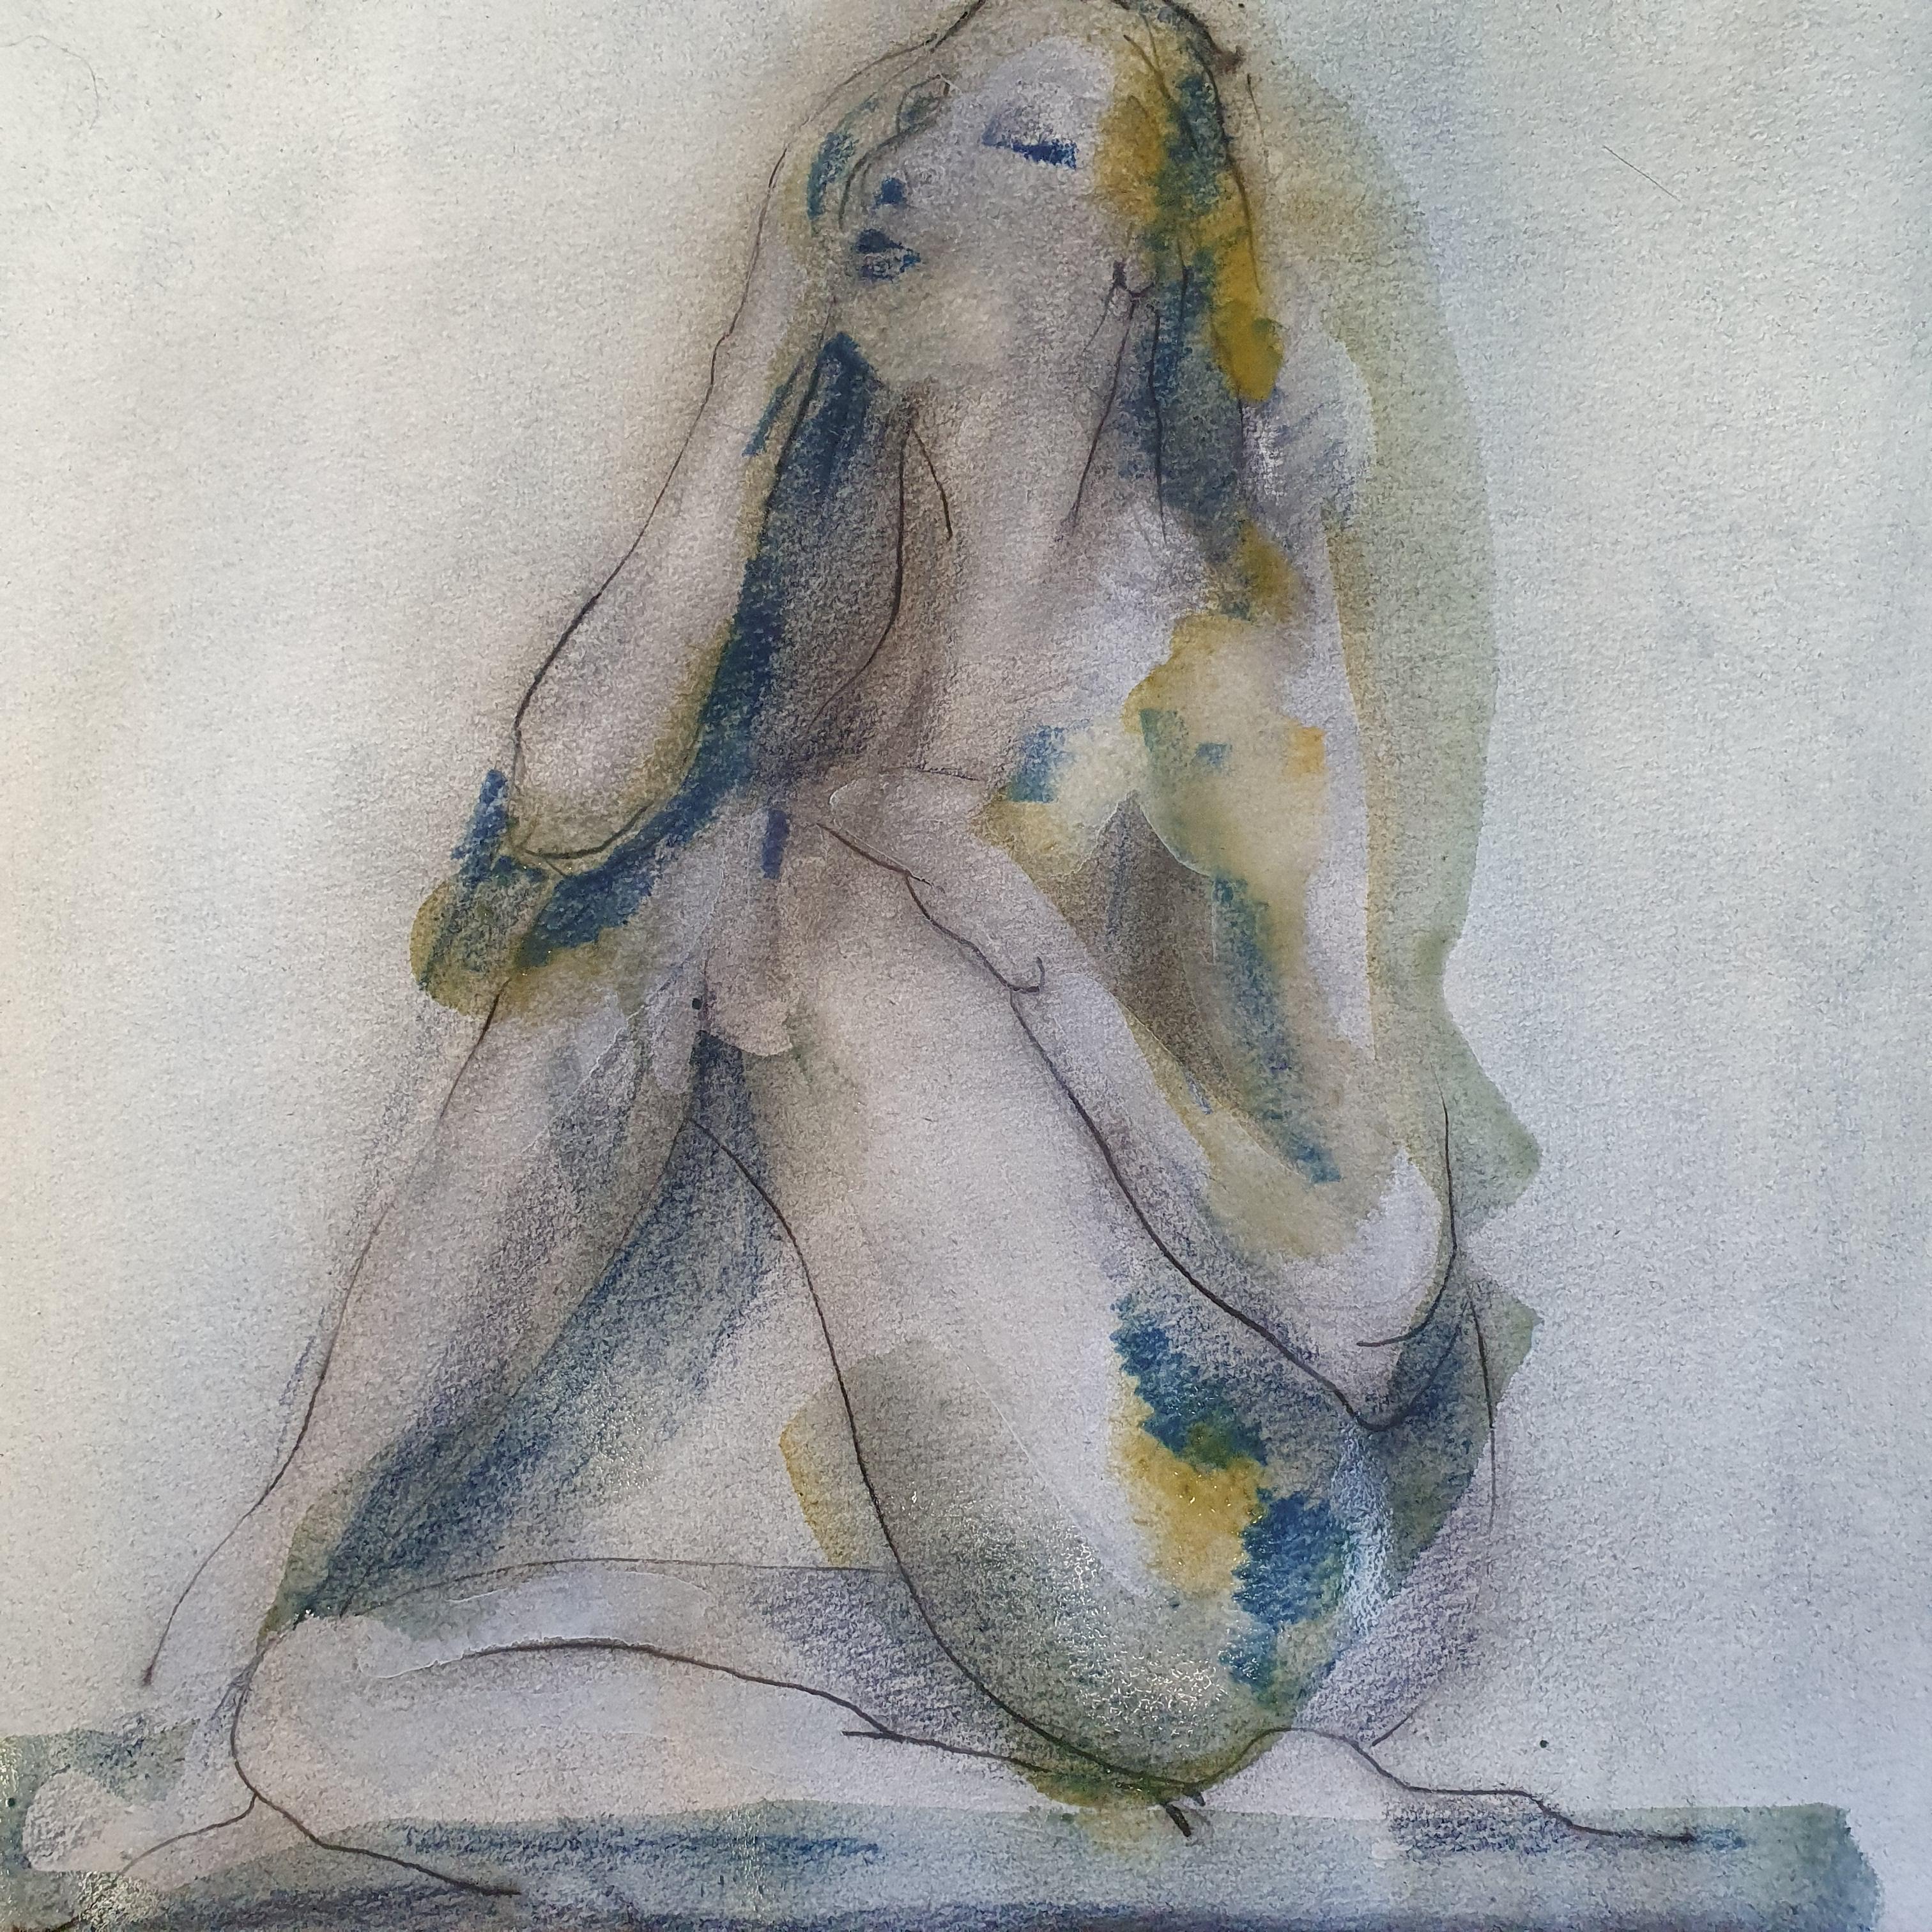 Dessin pose assise femme trois quarts face technique mixte aquarelle dessin � la plume pastel  cours de dessin